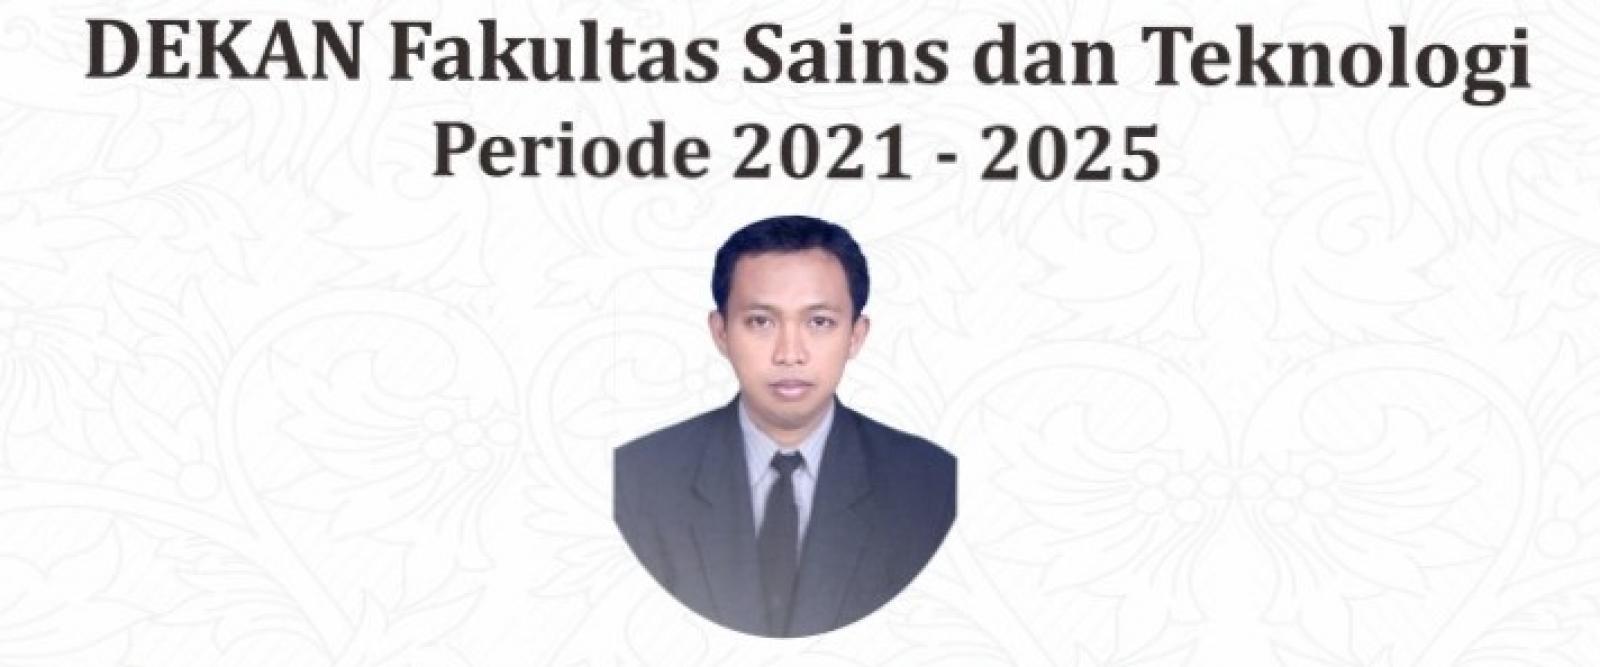 Dekan Fakultas Sains dan Teknologi Periode 2021-2025